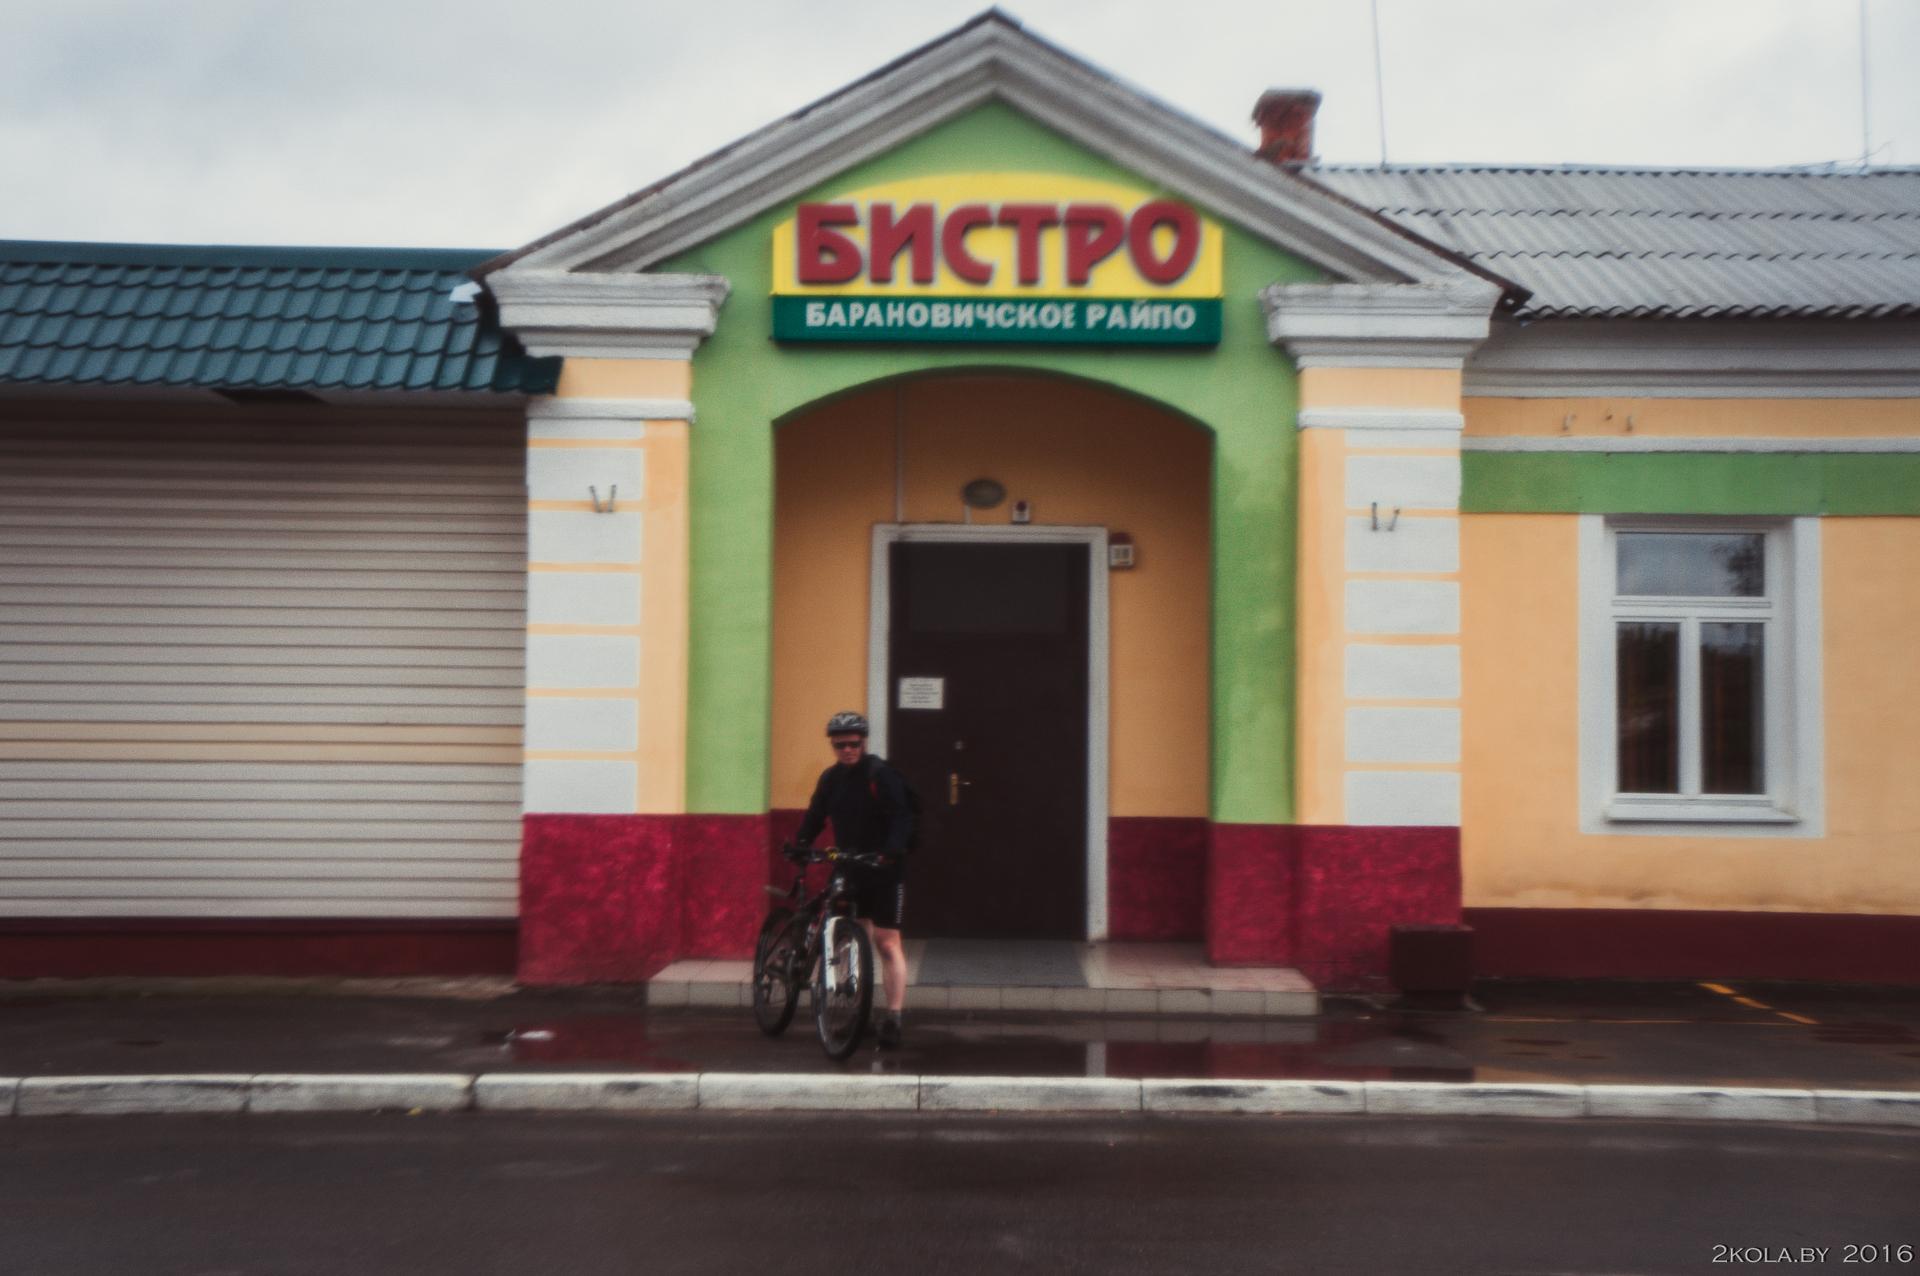 0 119c27 45aaa8c0 orig - Покатушка Барановичи-Городище-Молчадь